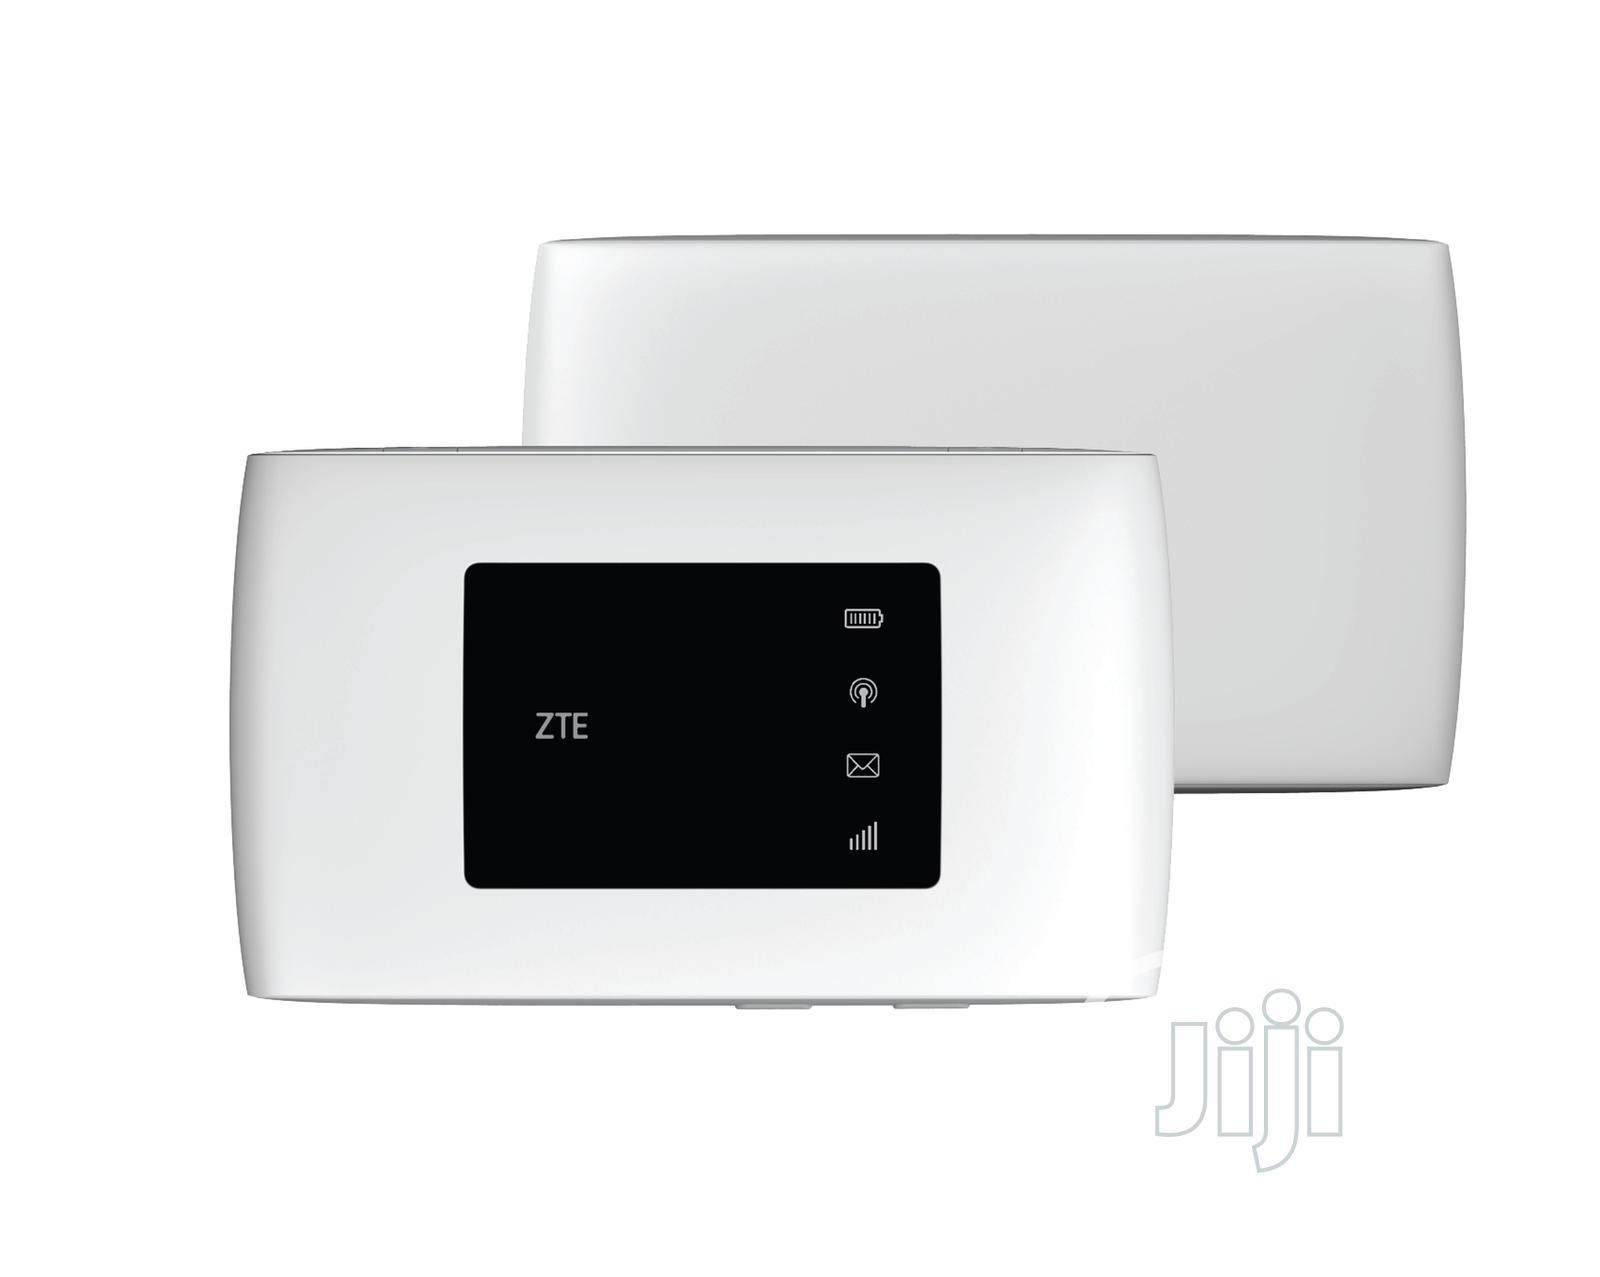 ZTE MF920 Maxis 4G LTE Pocket Wifi Modem